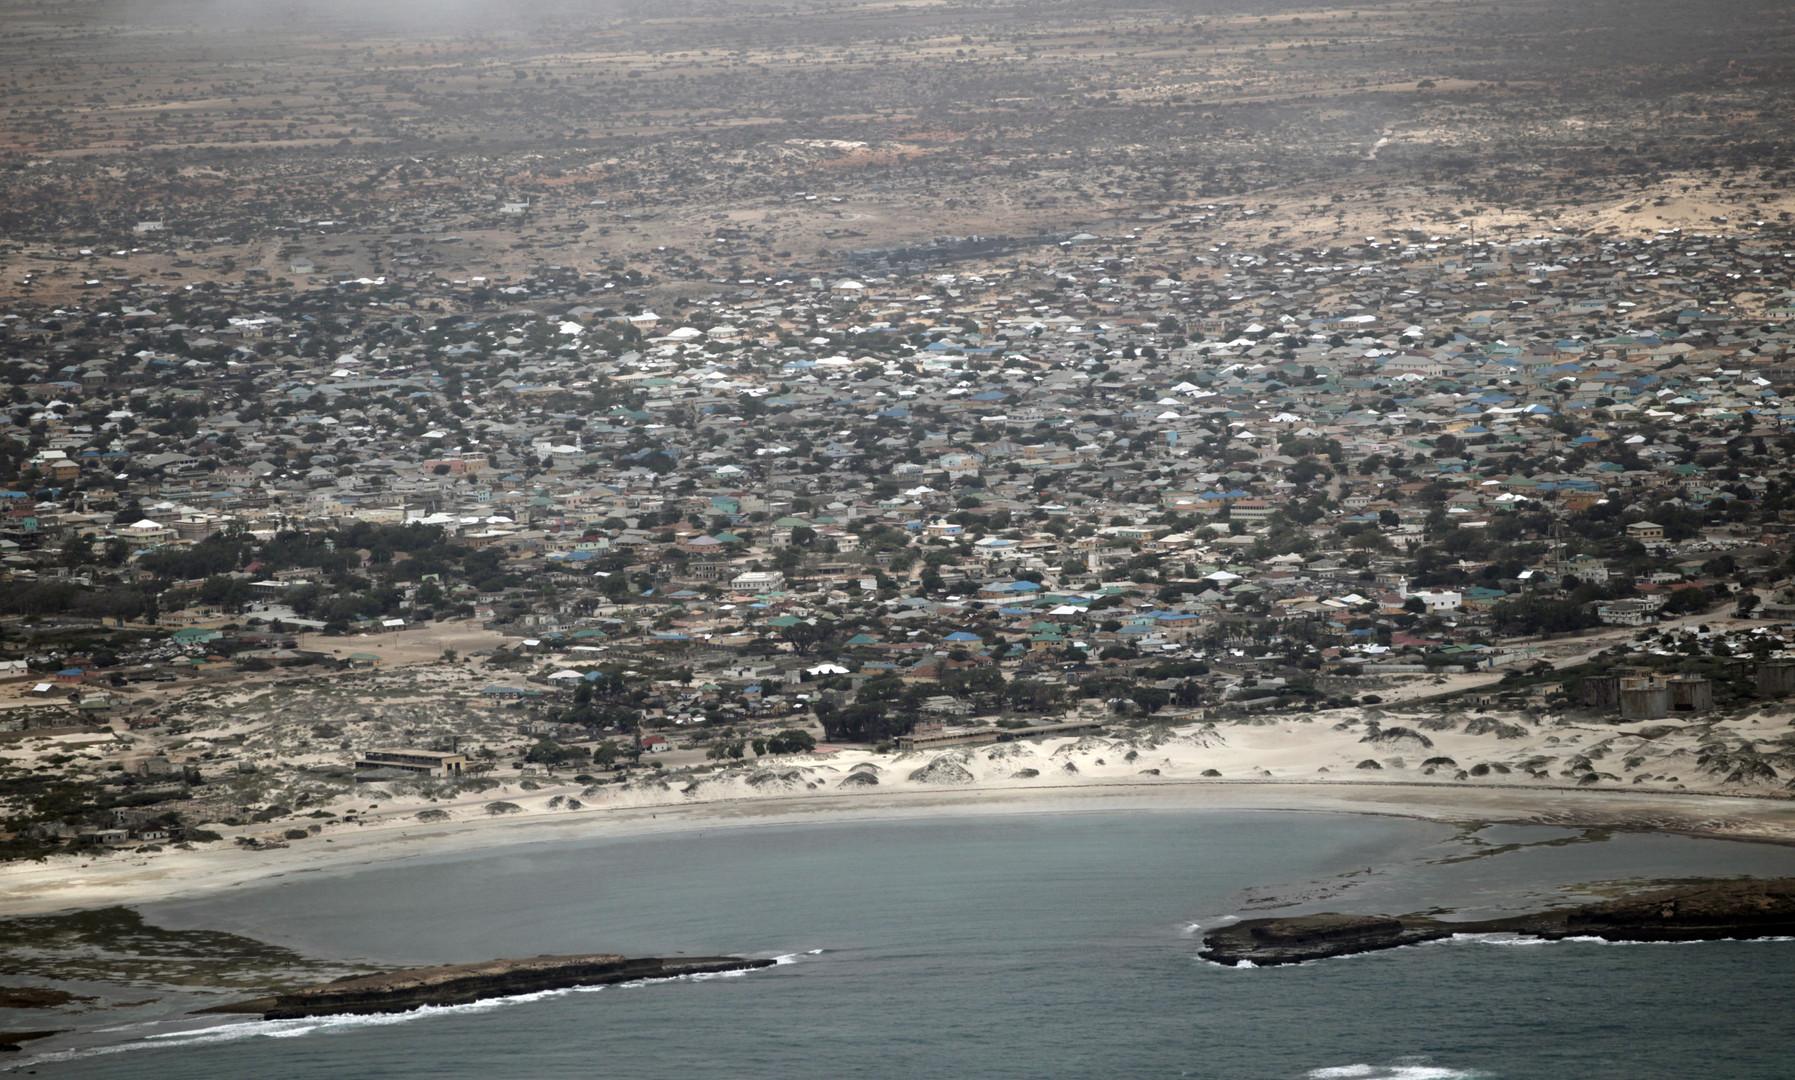 مدينة كيسمايو الصومالية